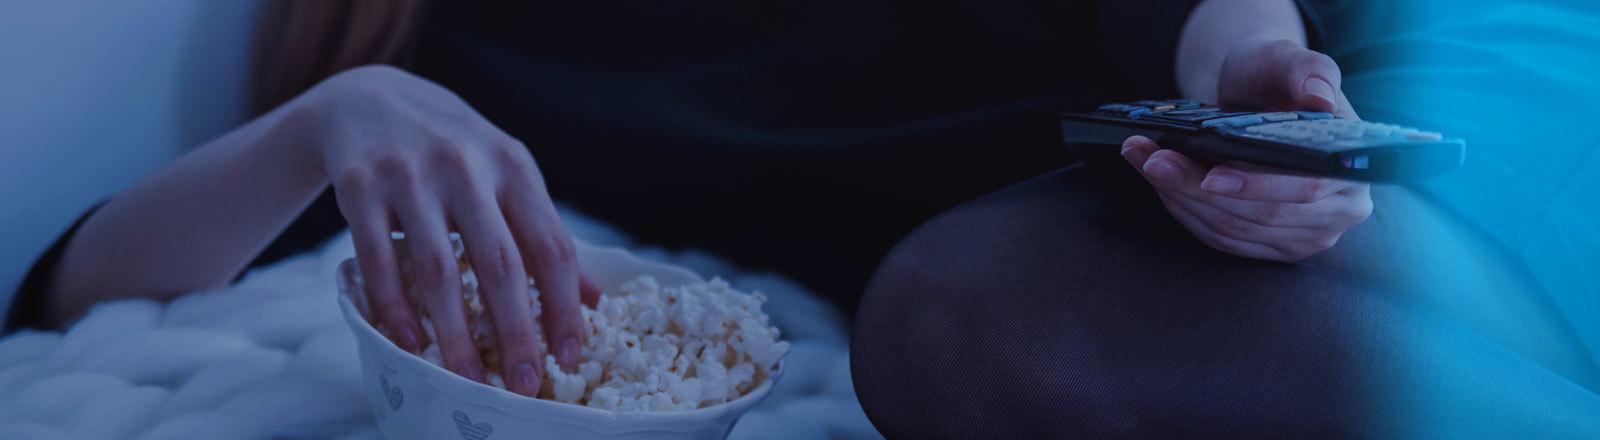 Eine Frau mit Fernbedienung in der Hand isst Popcorn